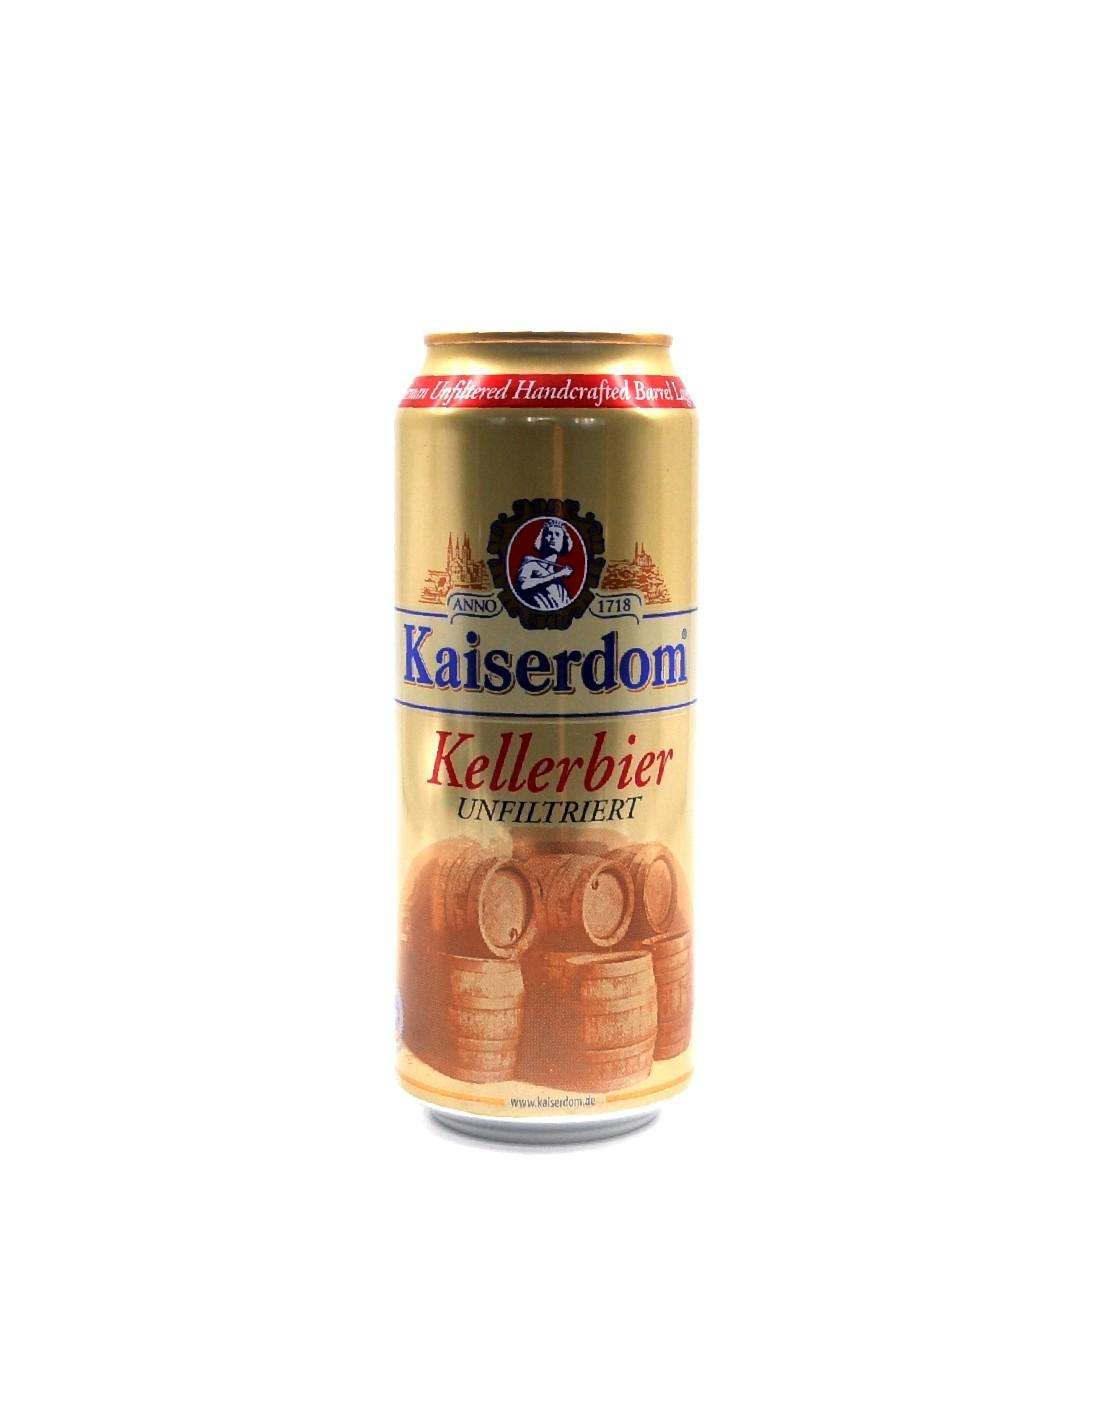 Bere alba nefiltrata, Kaiserdom, 4.8% alc., 0.5L, Germania, doza